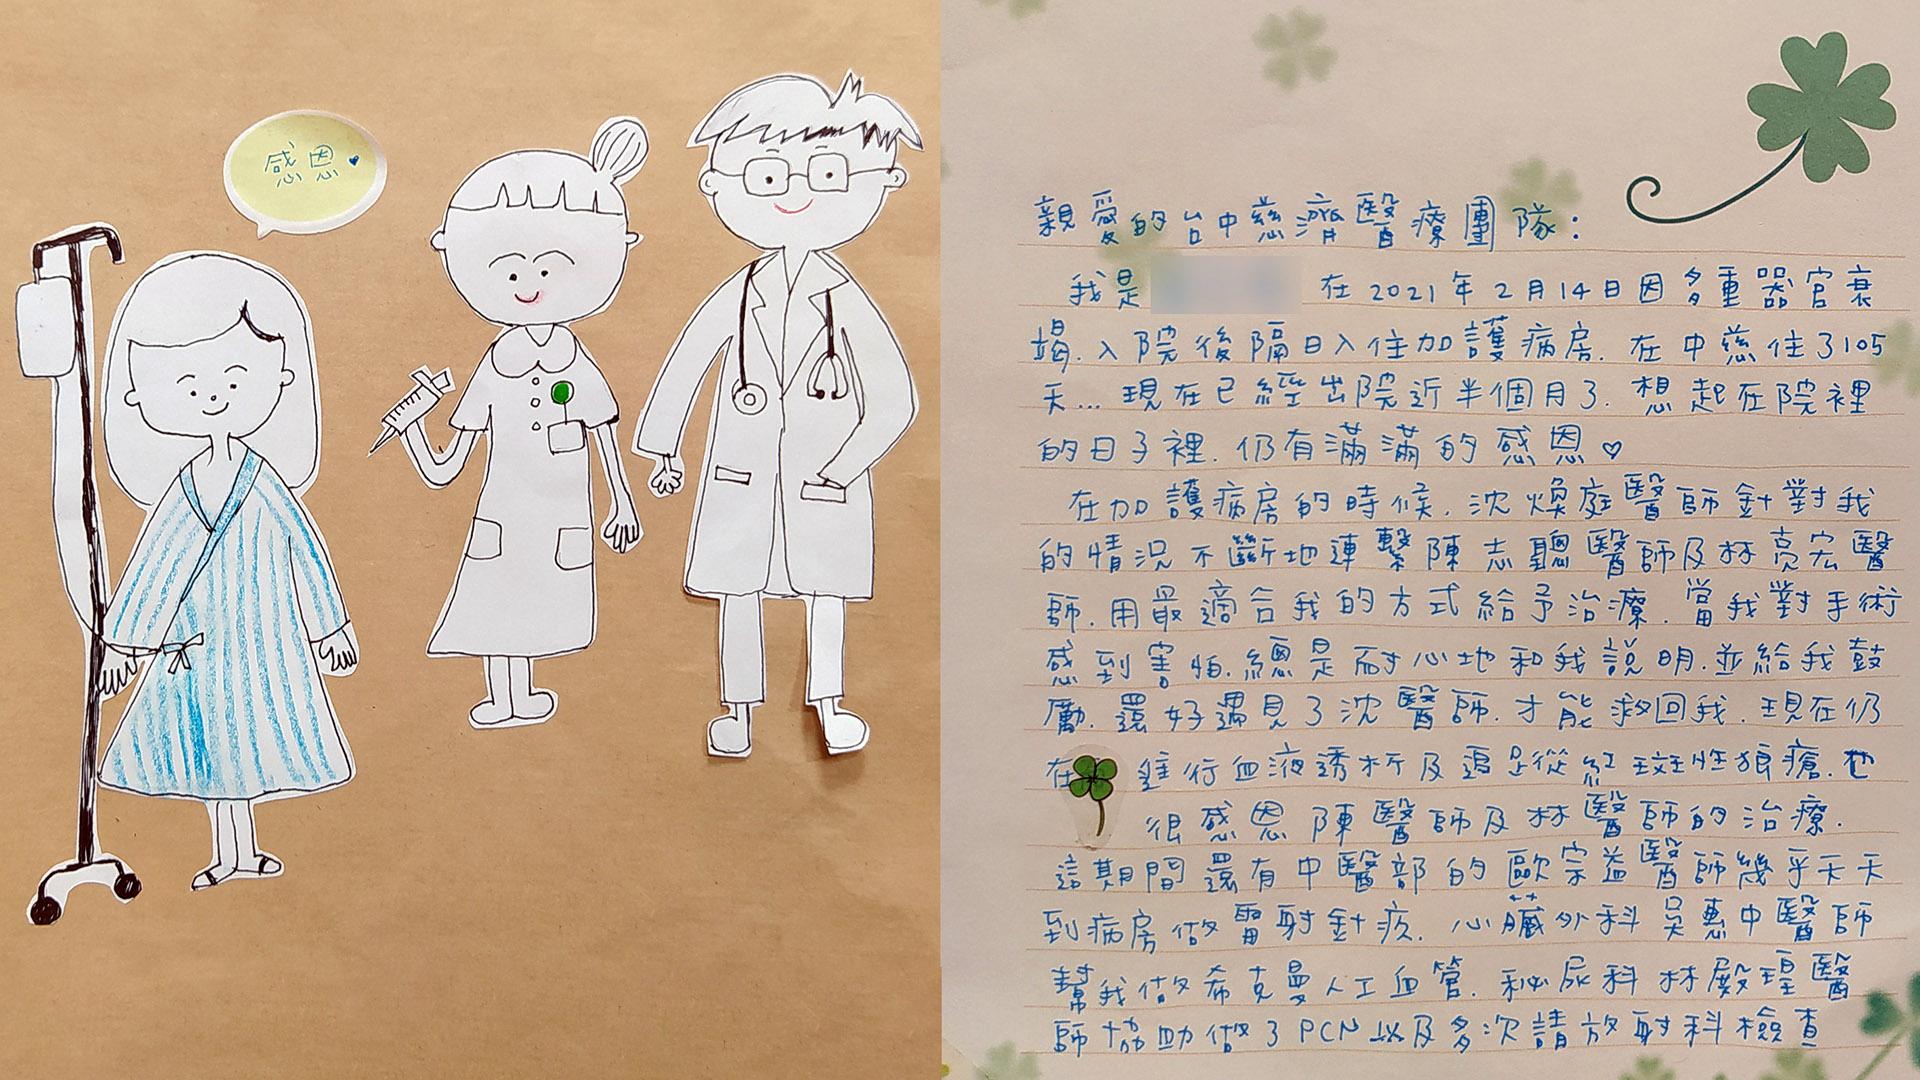 年輕女老師手繪感謝卡,感謝住院期間醫護團隊的悉心照顧。